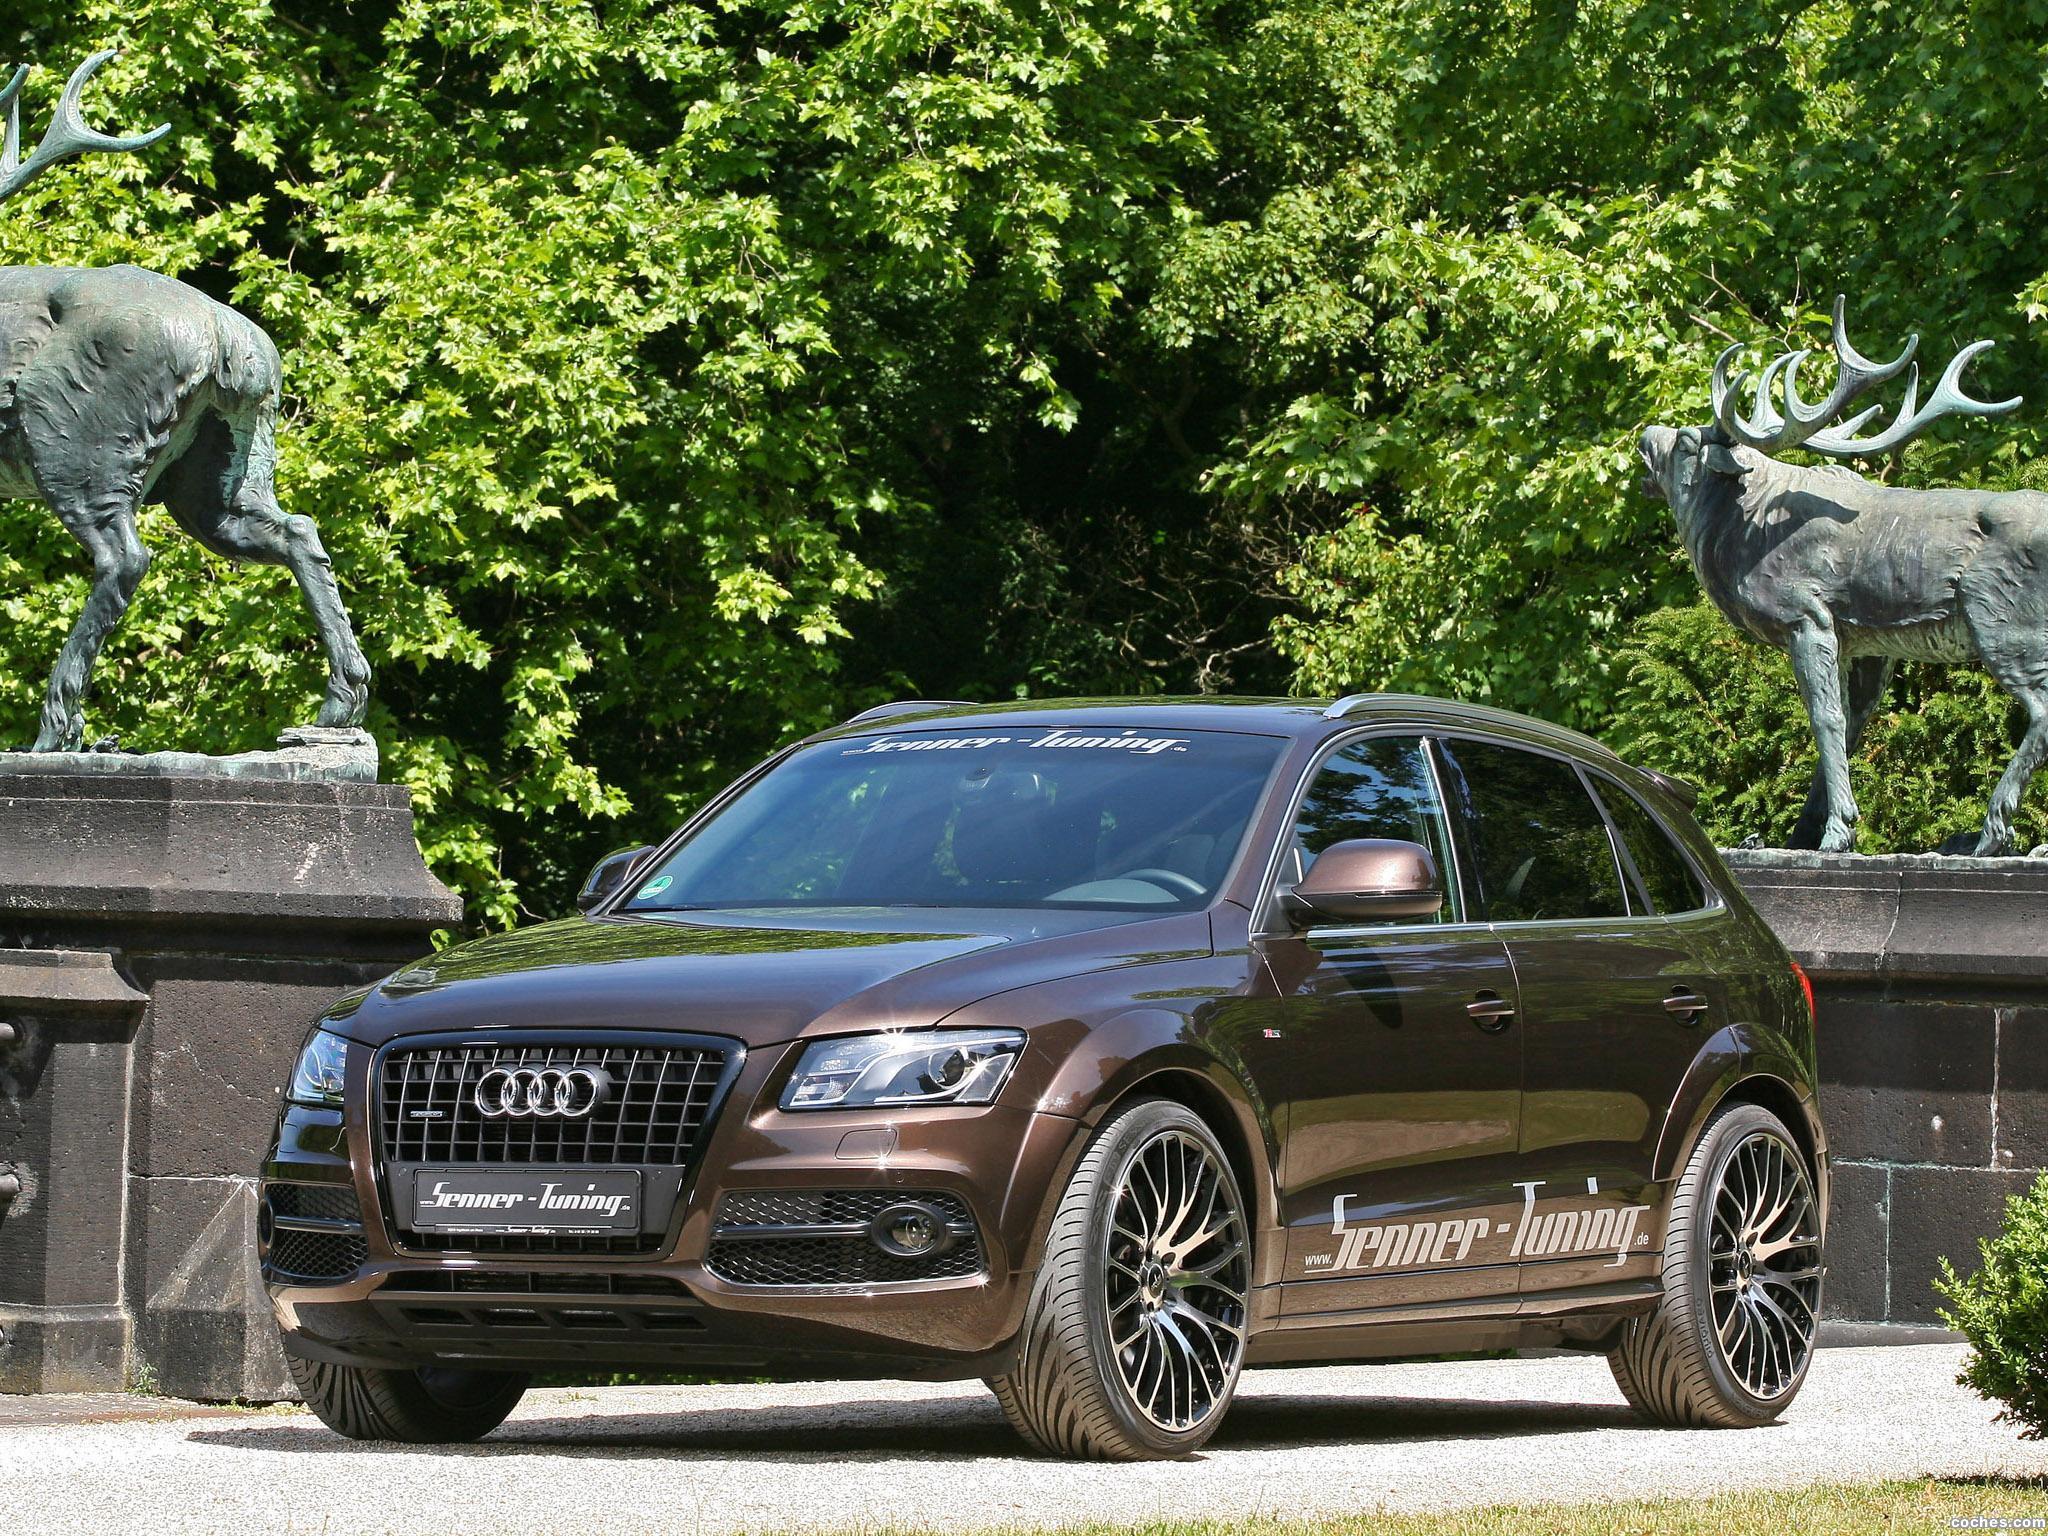 Foto 10 de Senner Audi Q5 2011